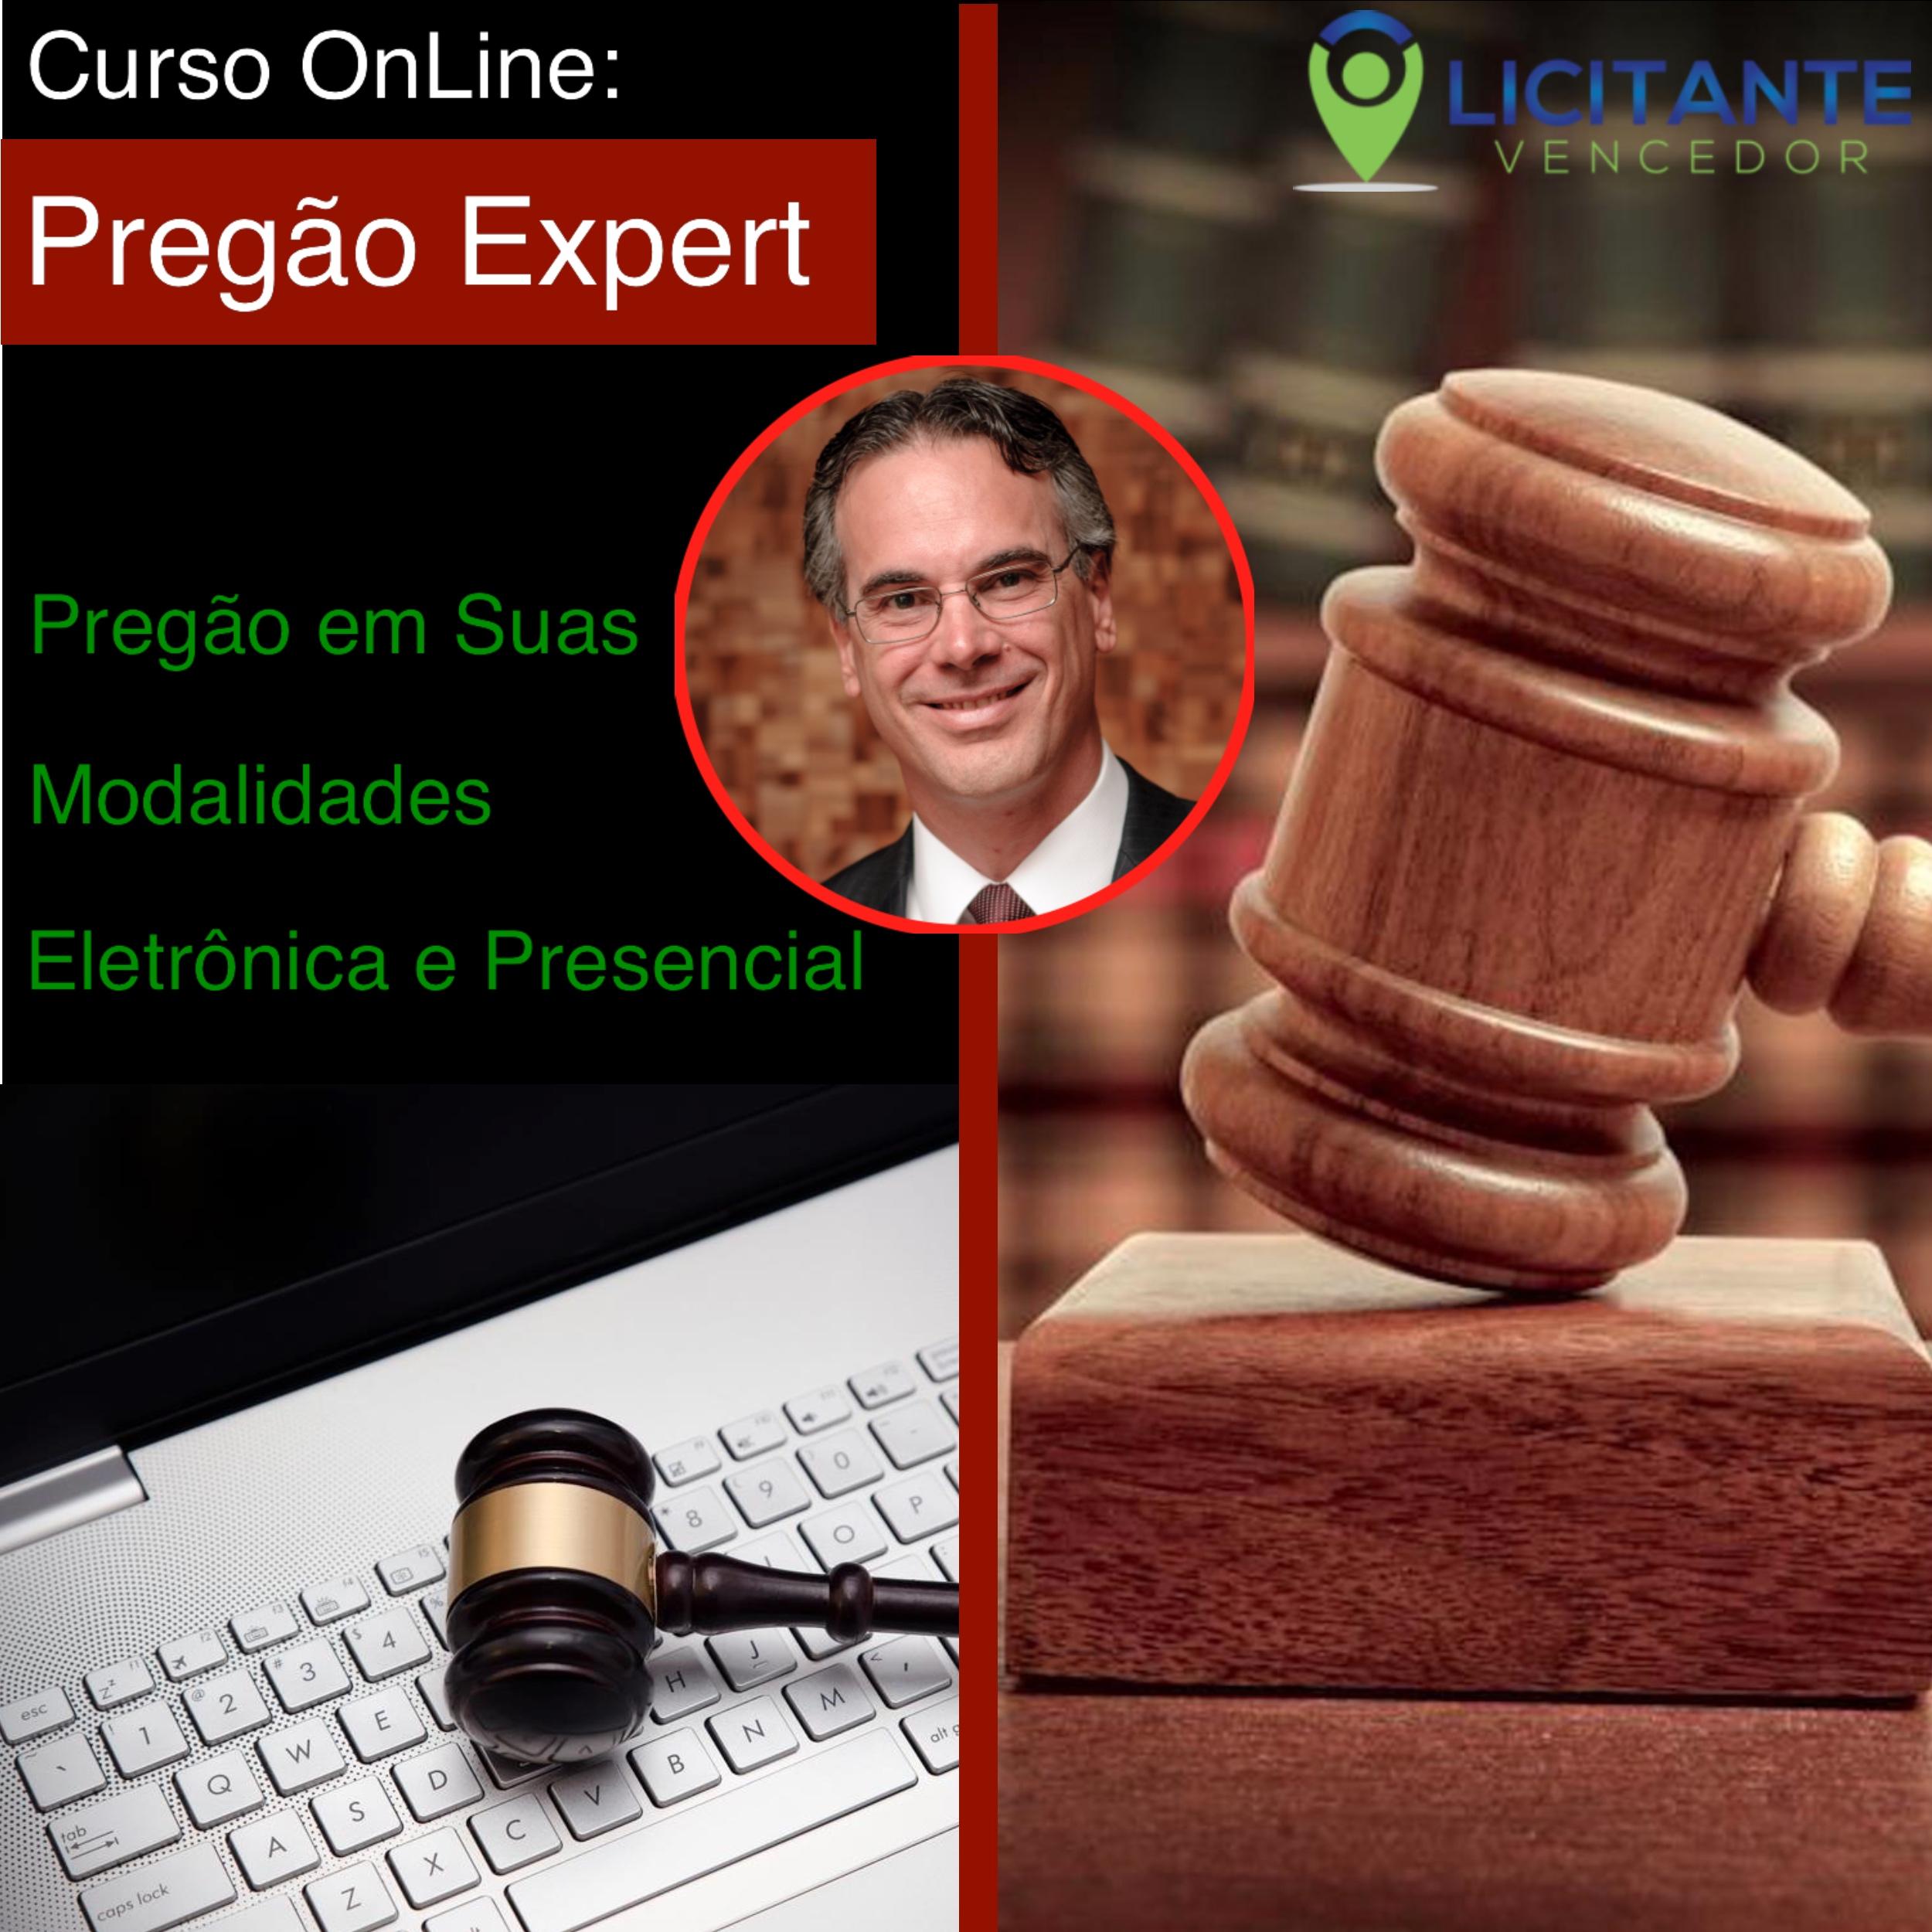 CURSO ONLINE PREGÃO EXPERT